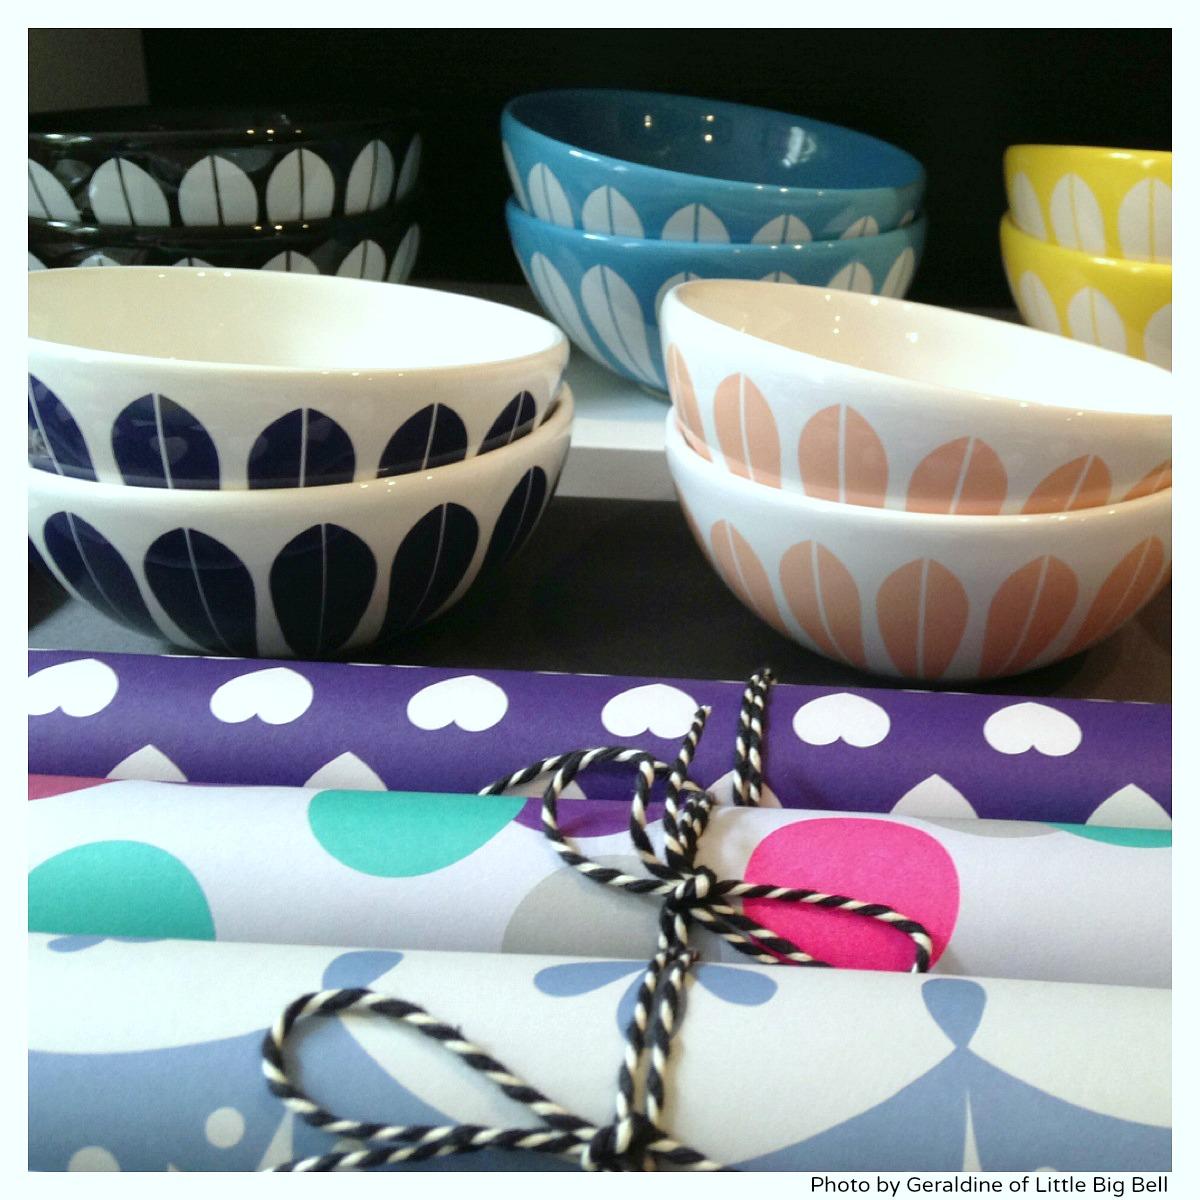 Lucie-Kaas-bowls